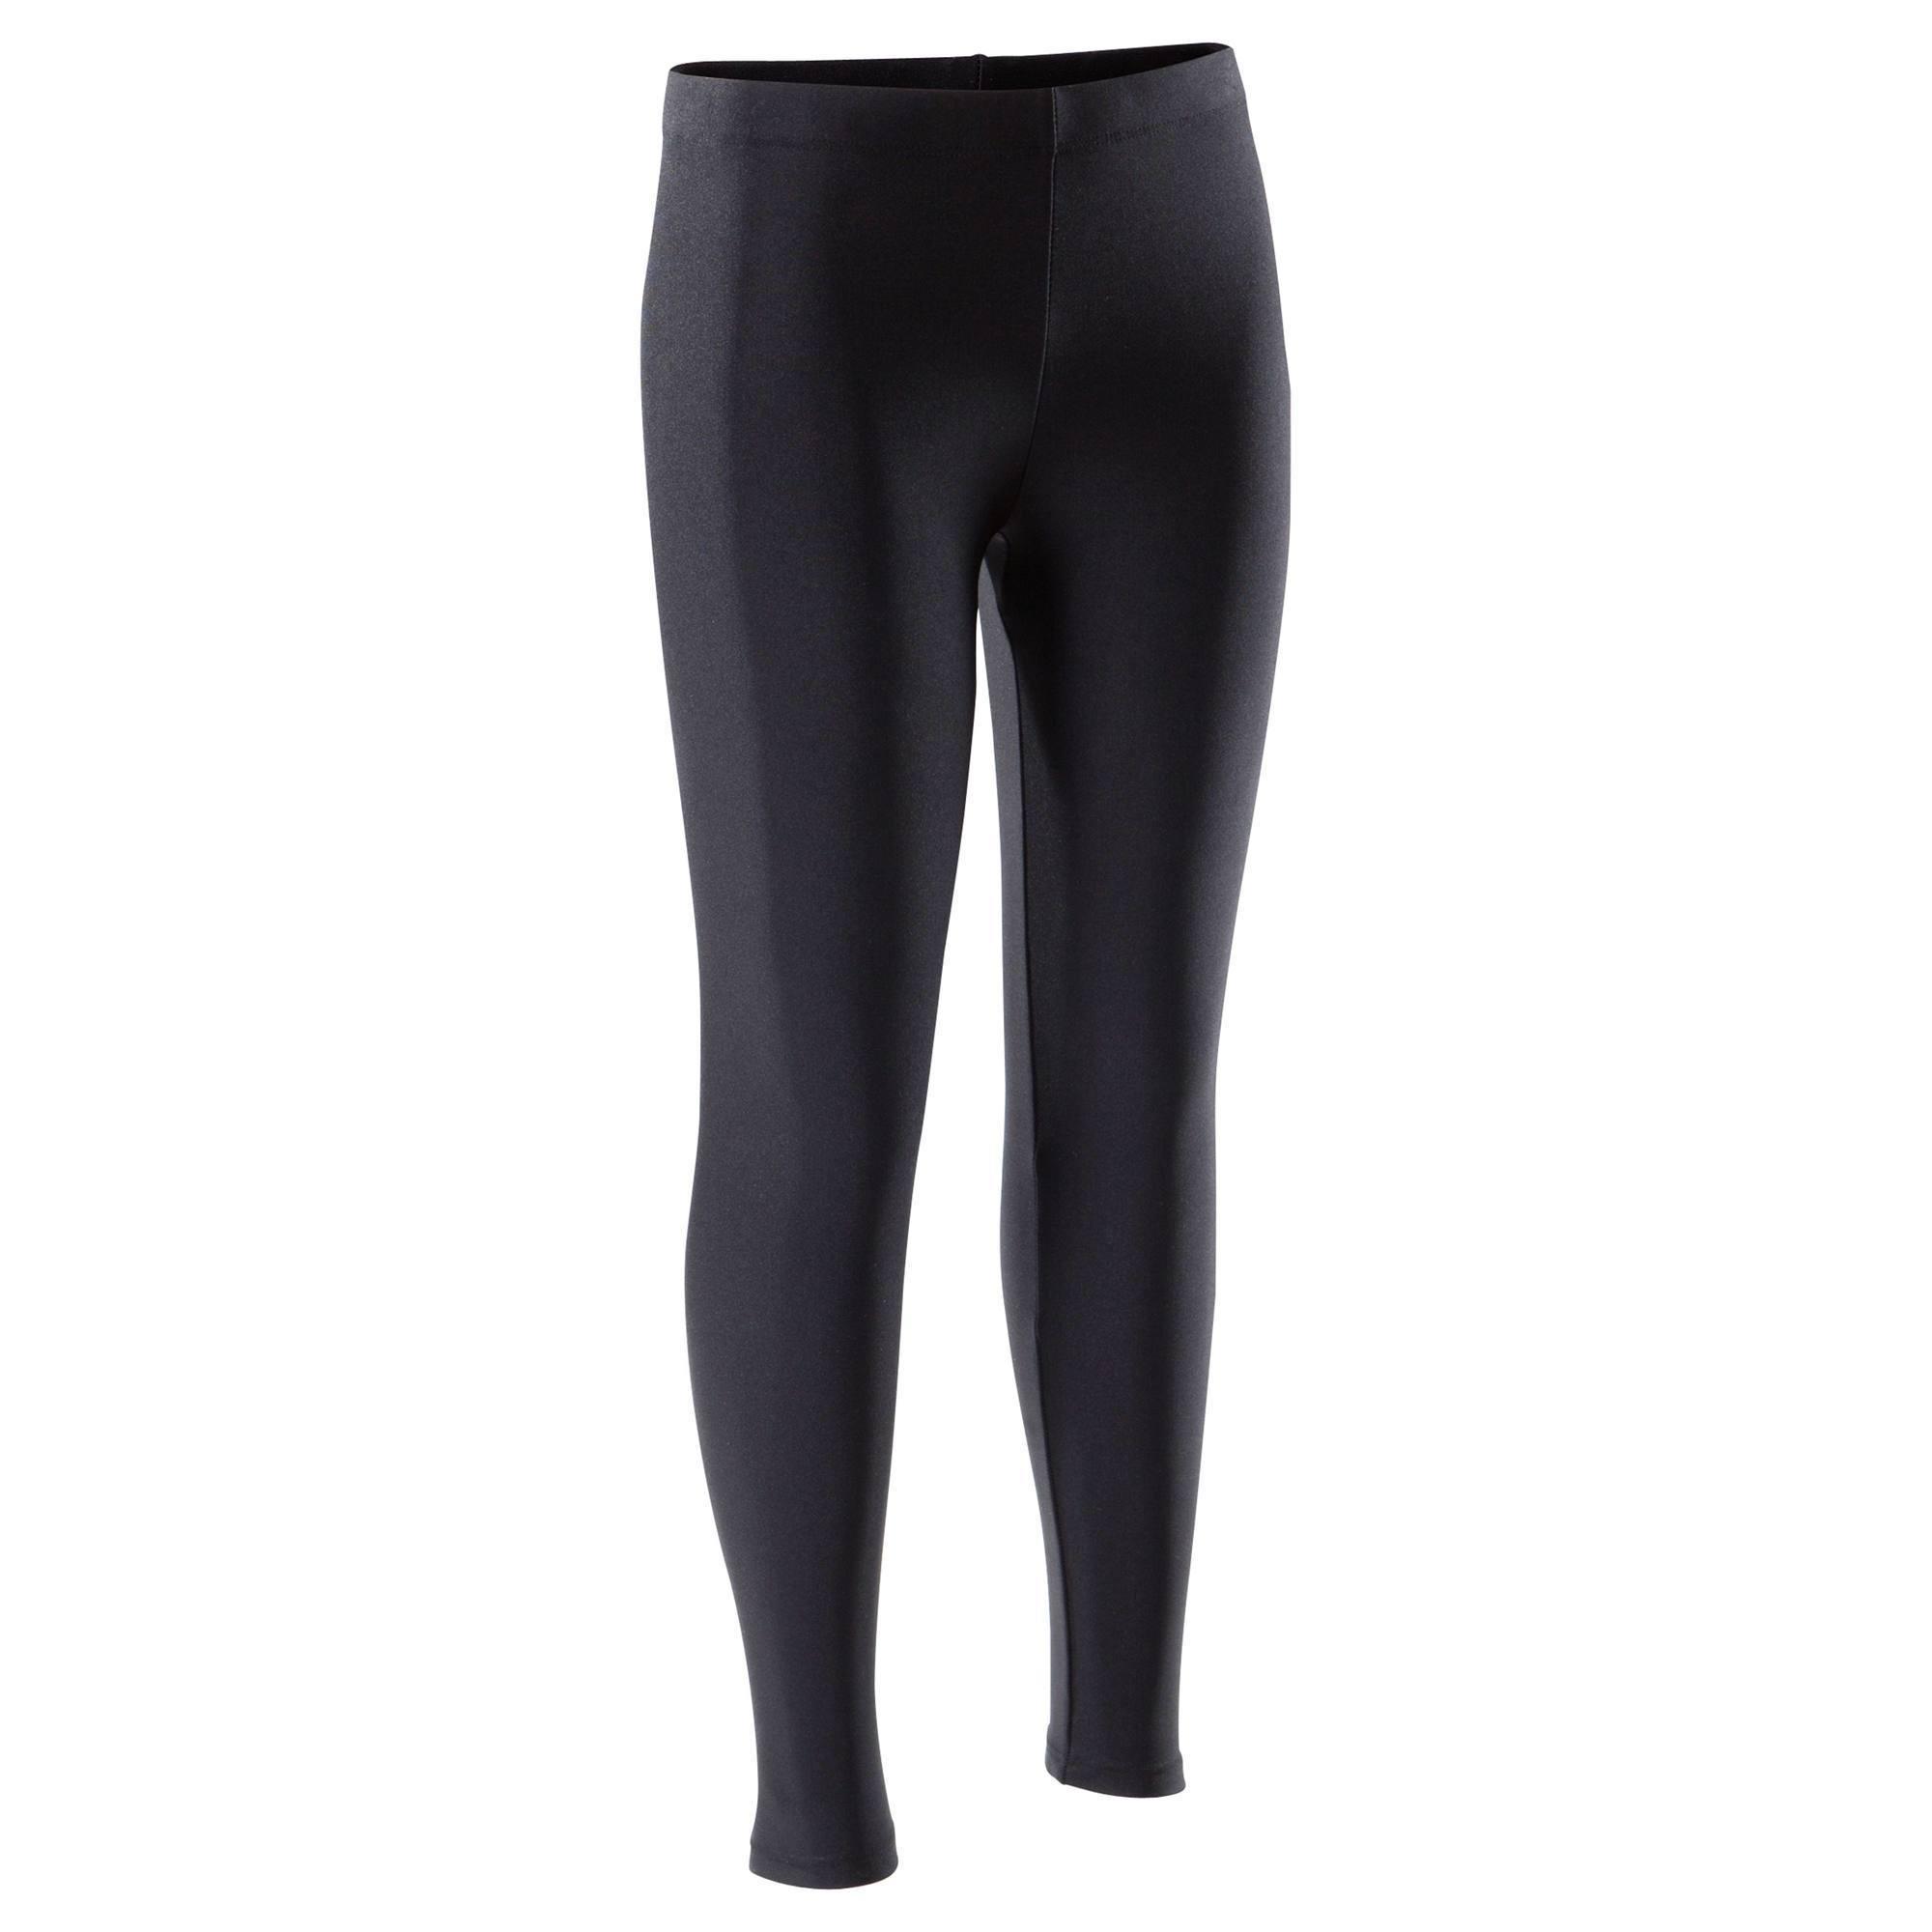 Legging Gymnastique Fille (GAF et GR) noir 100